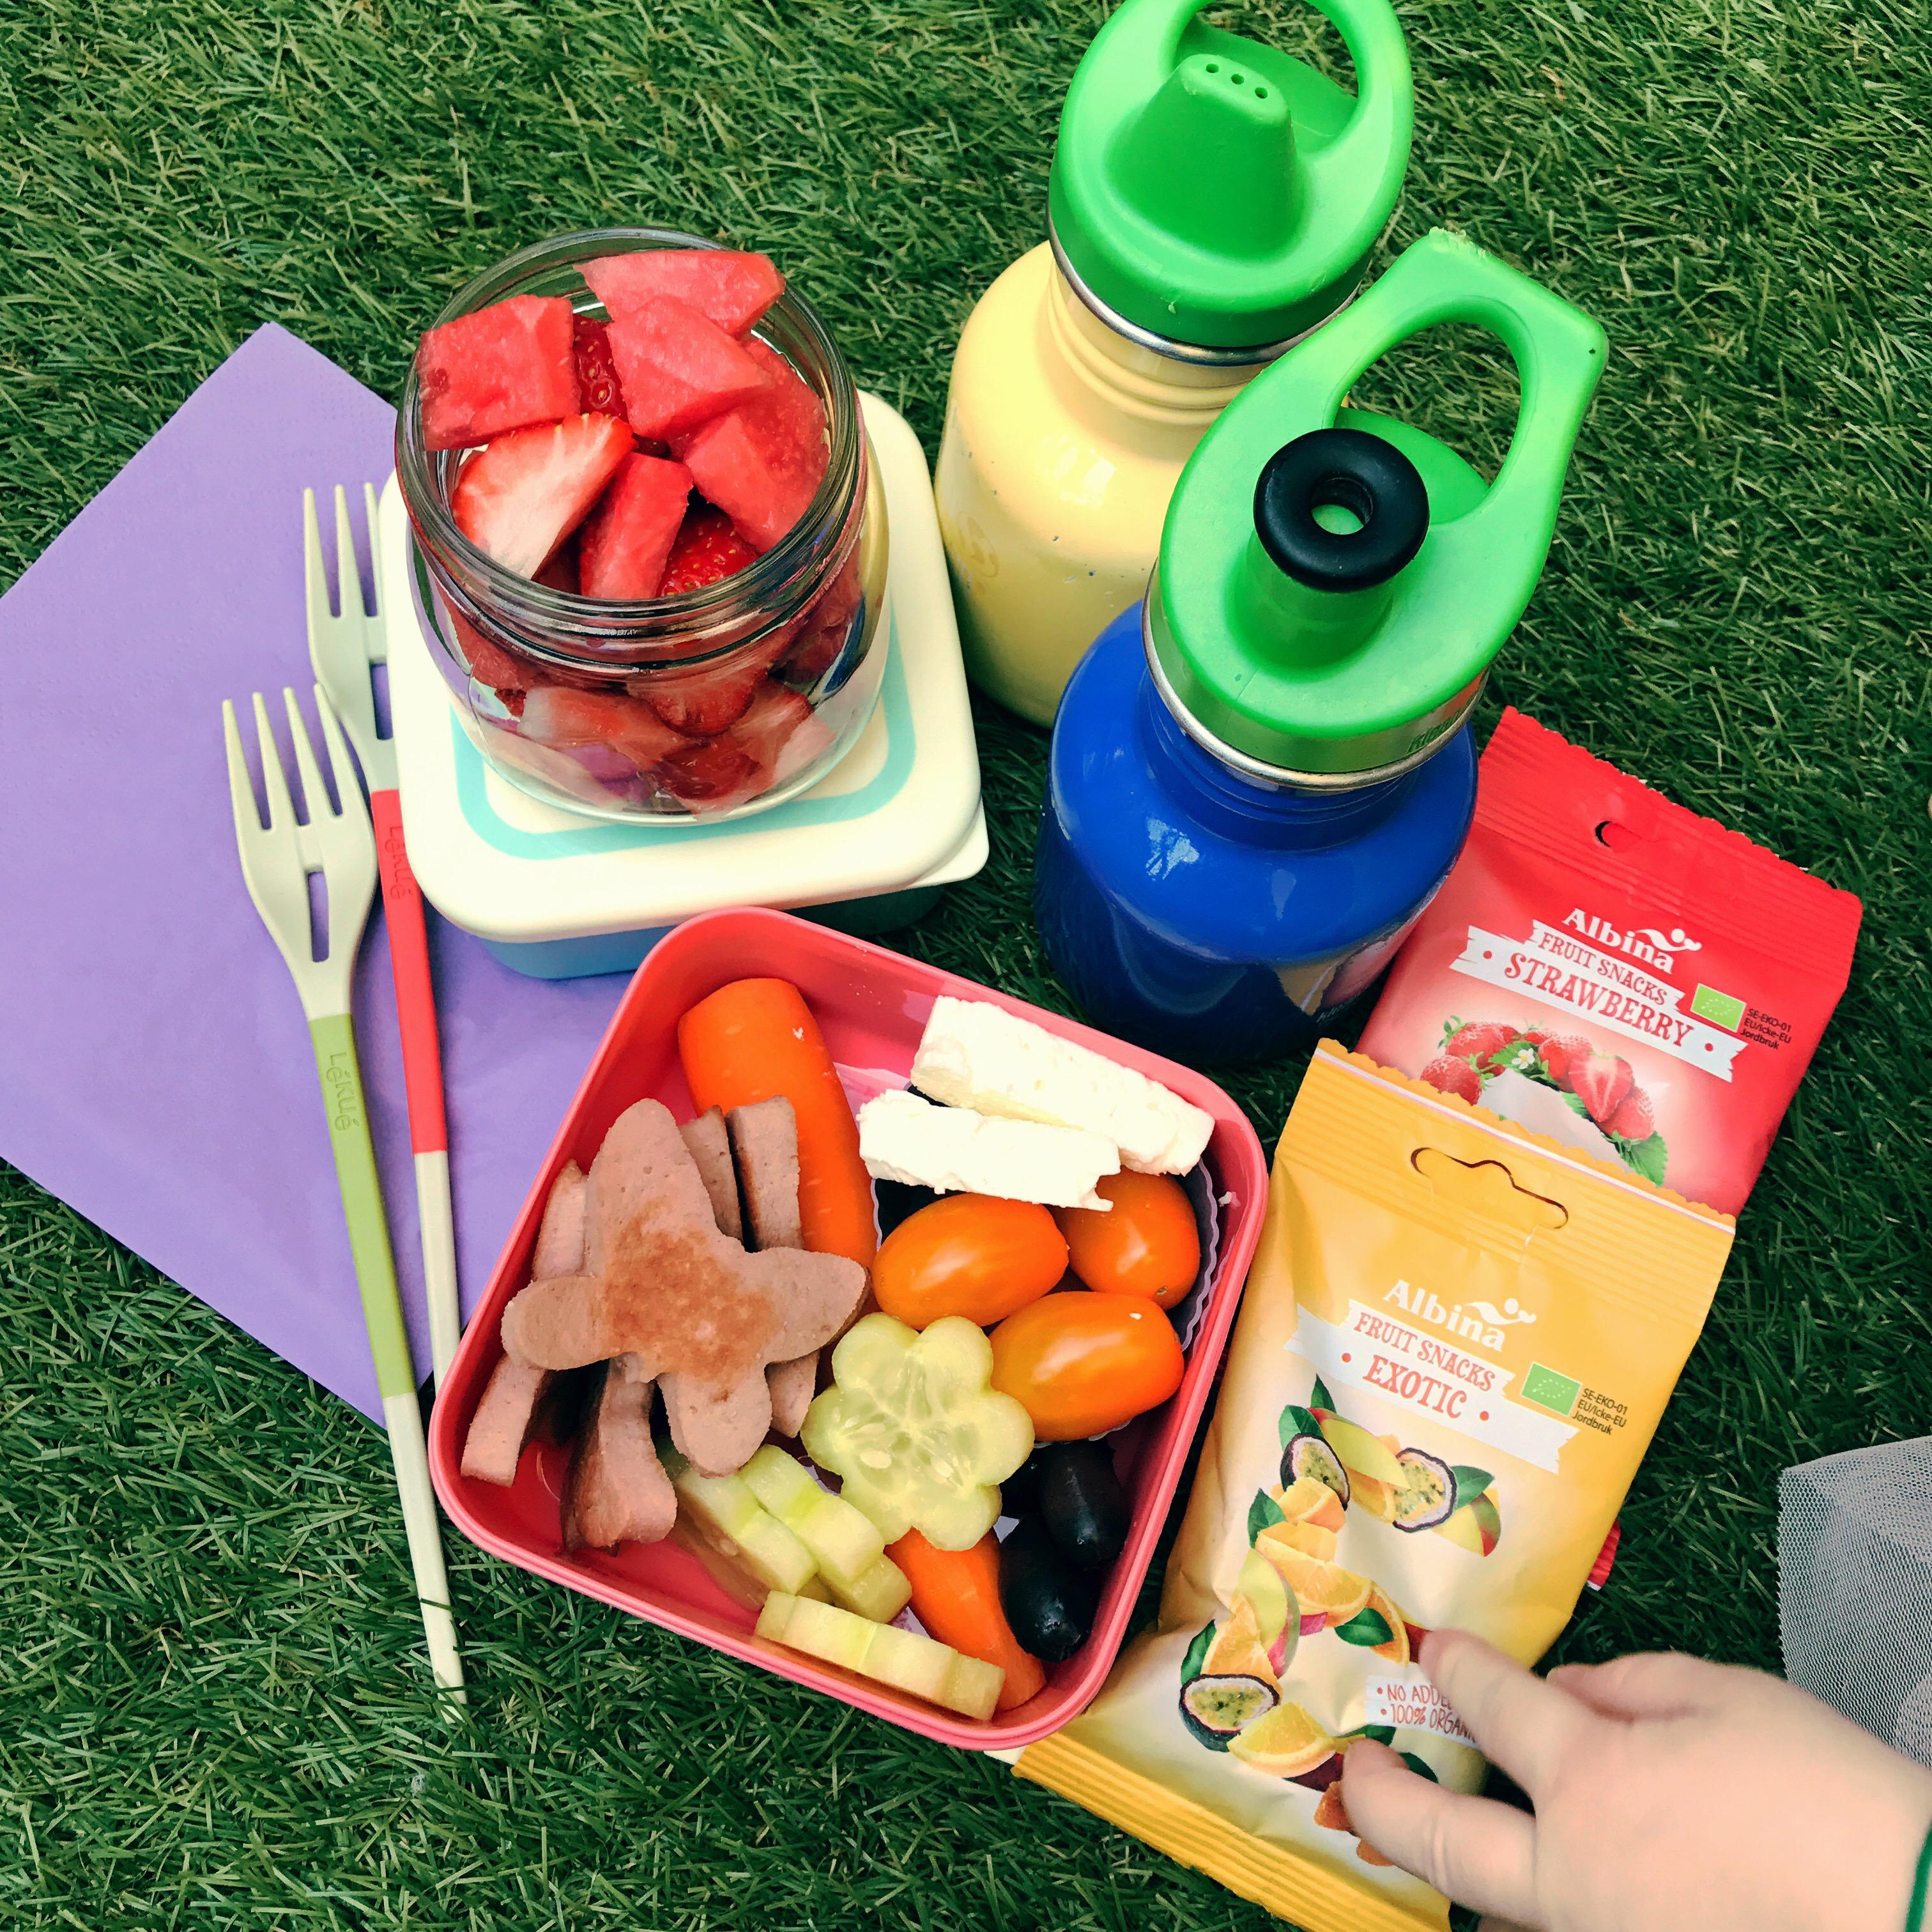 Picknick med falukorv